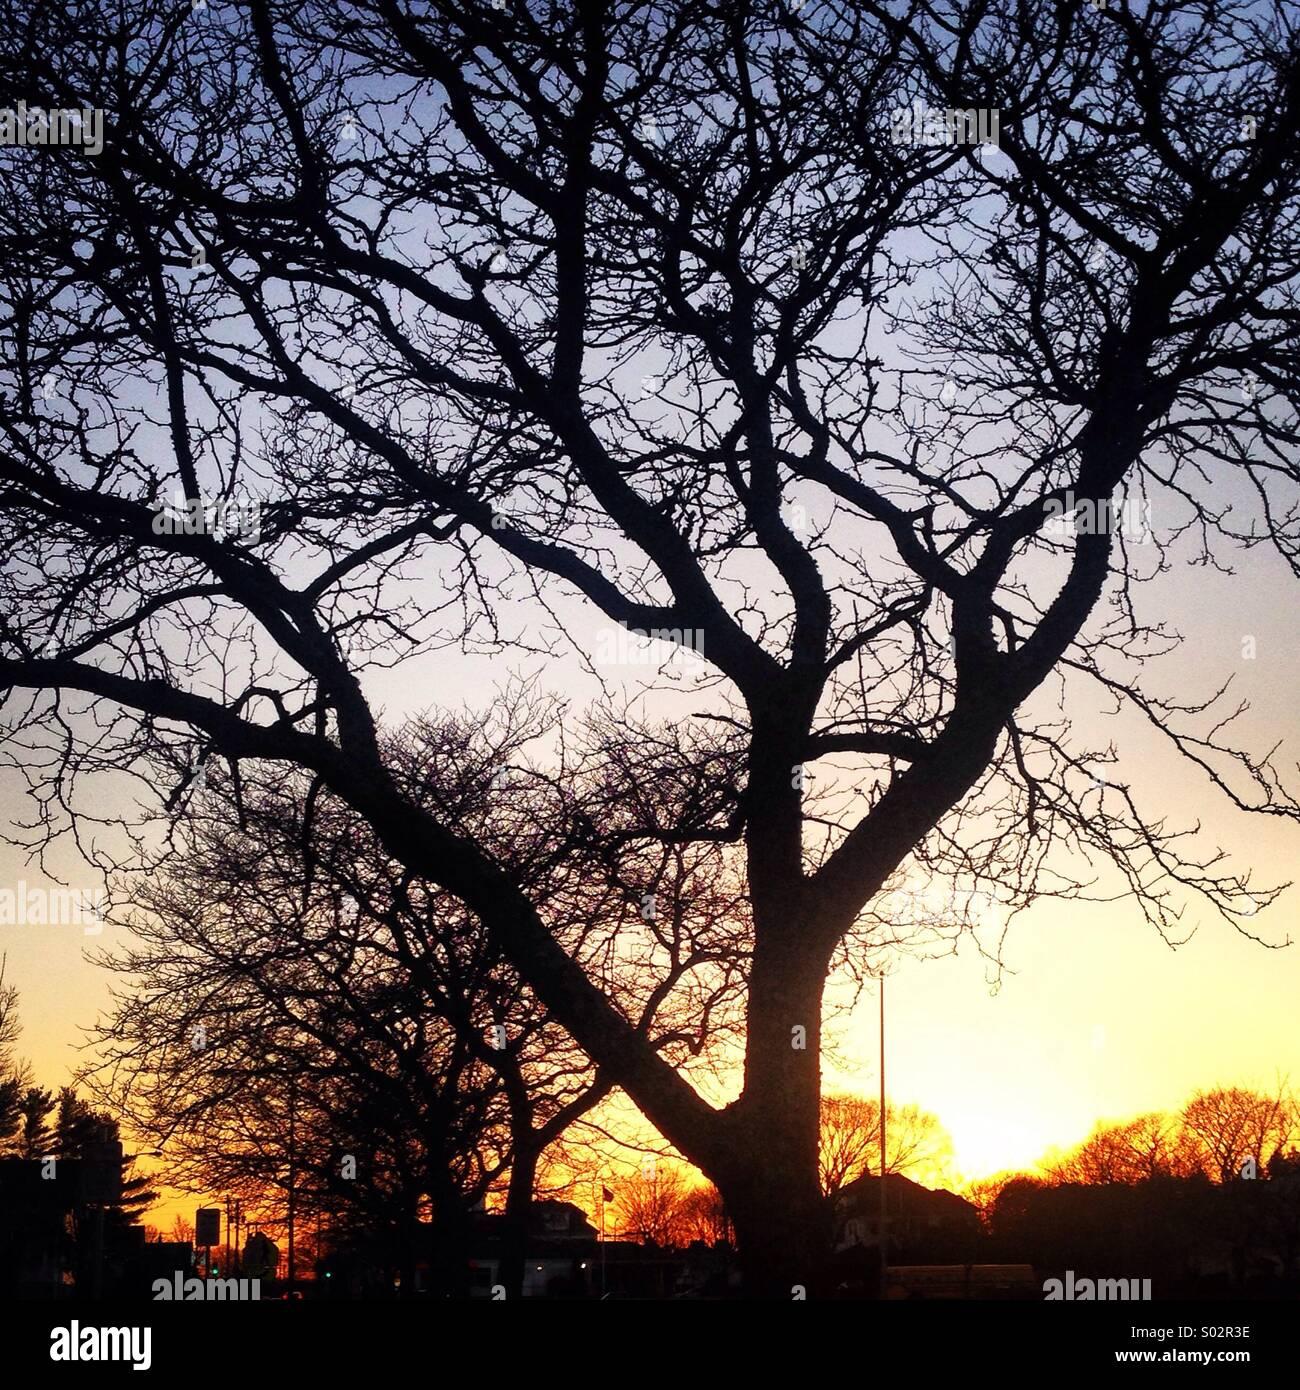 Inner city beauty - Stock Image